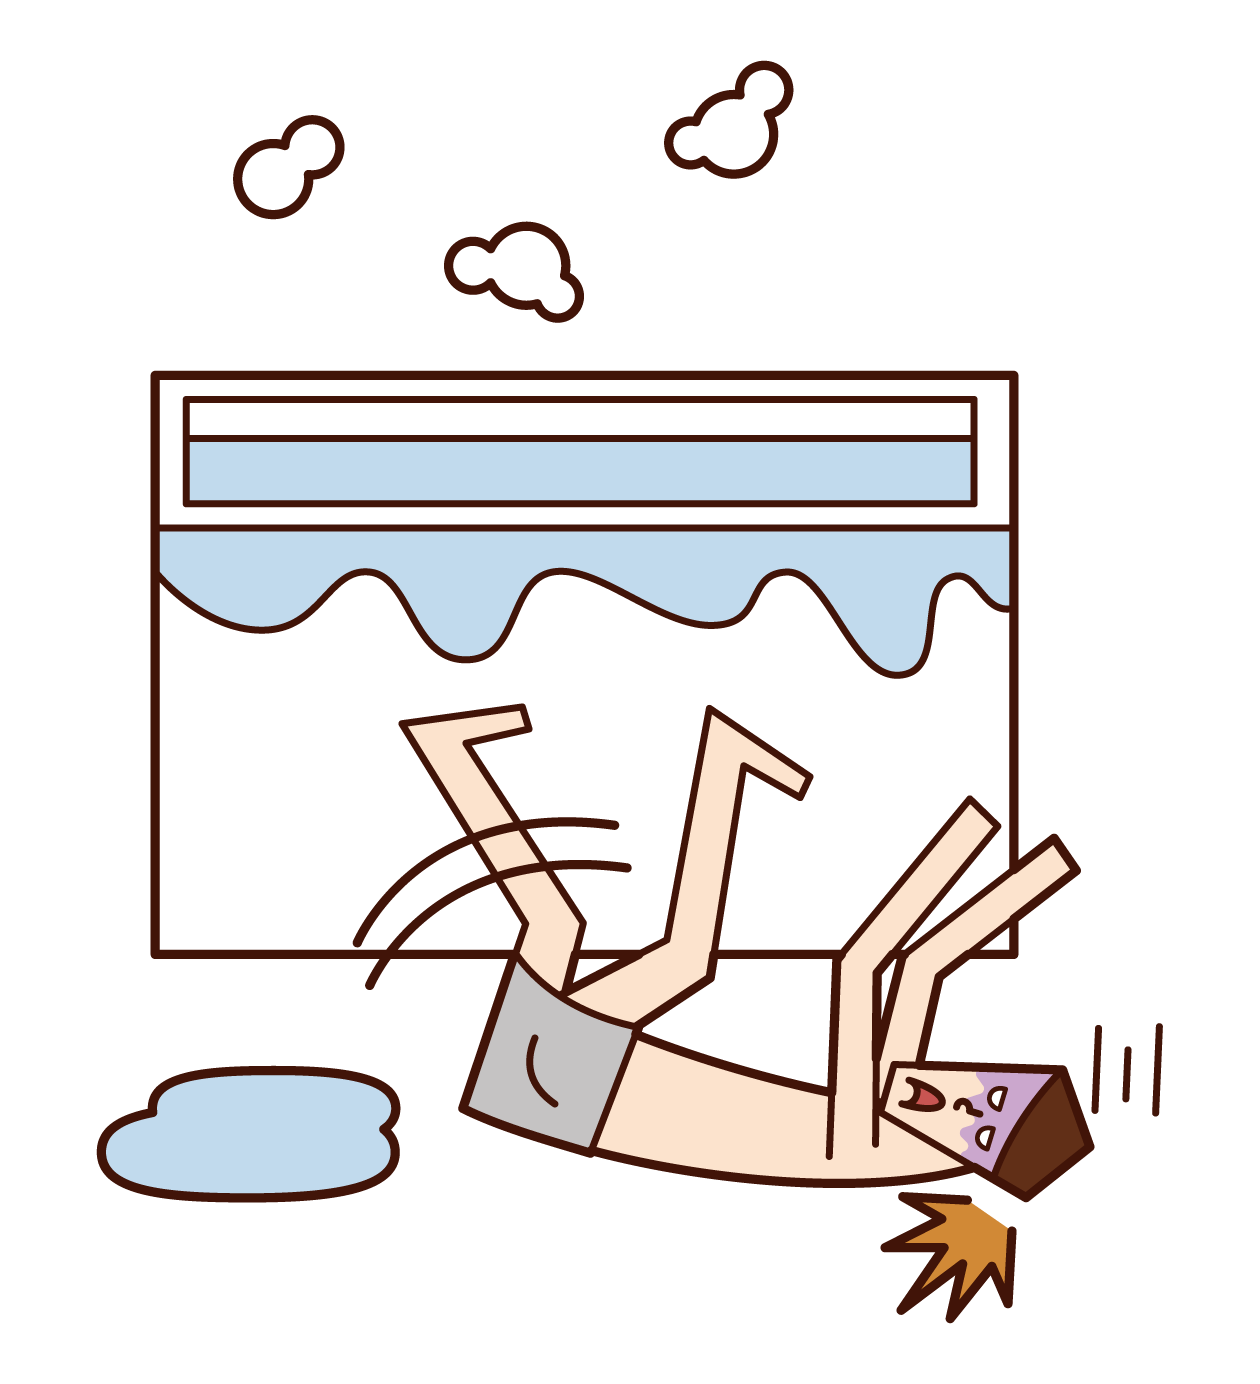 風呂場で転倒する人(男性)のイラスト